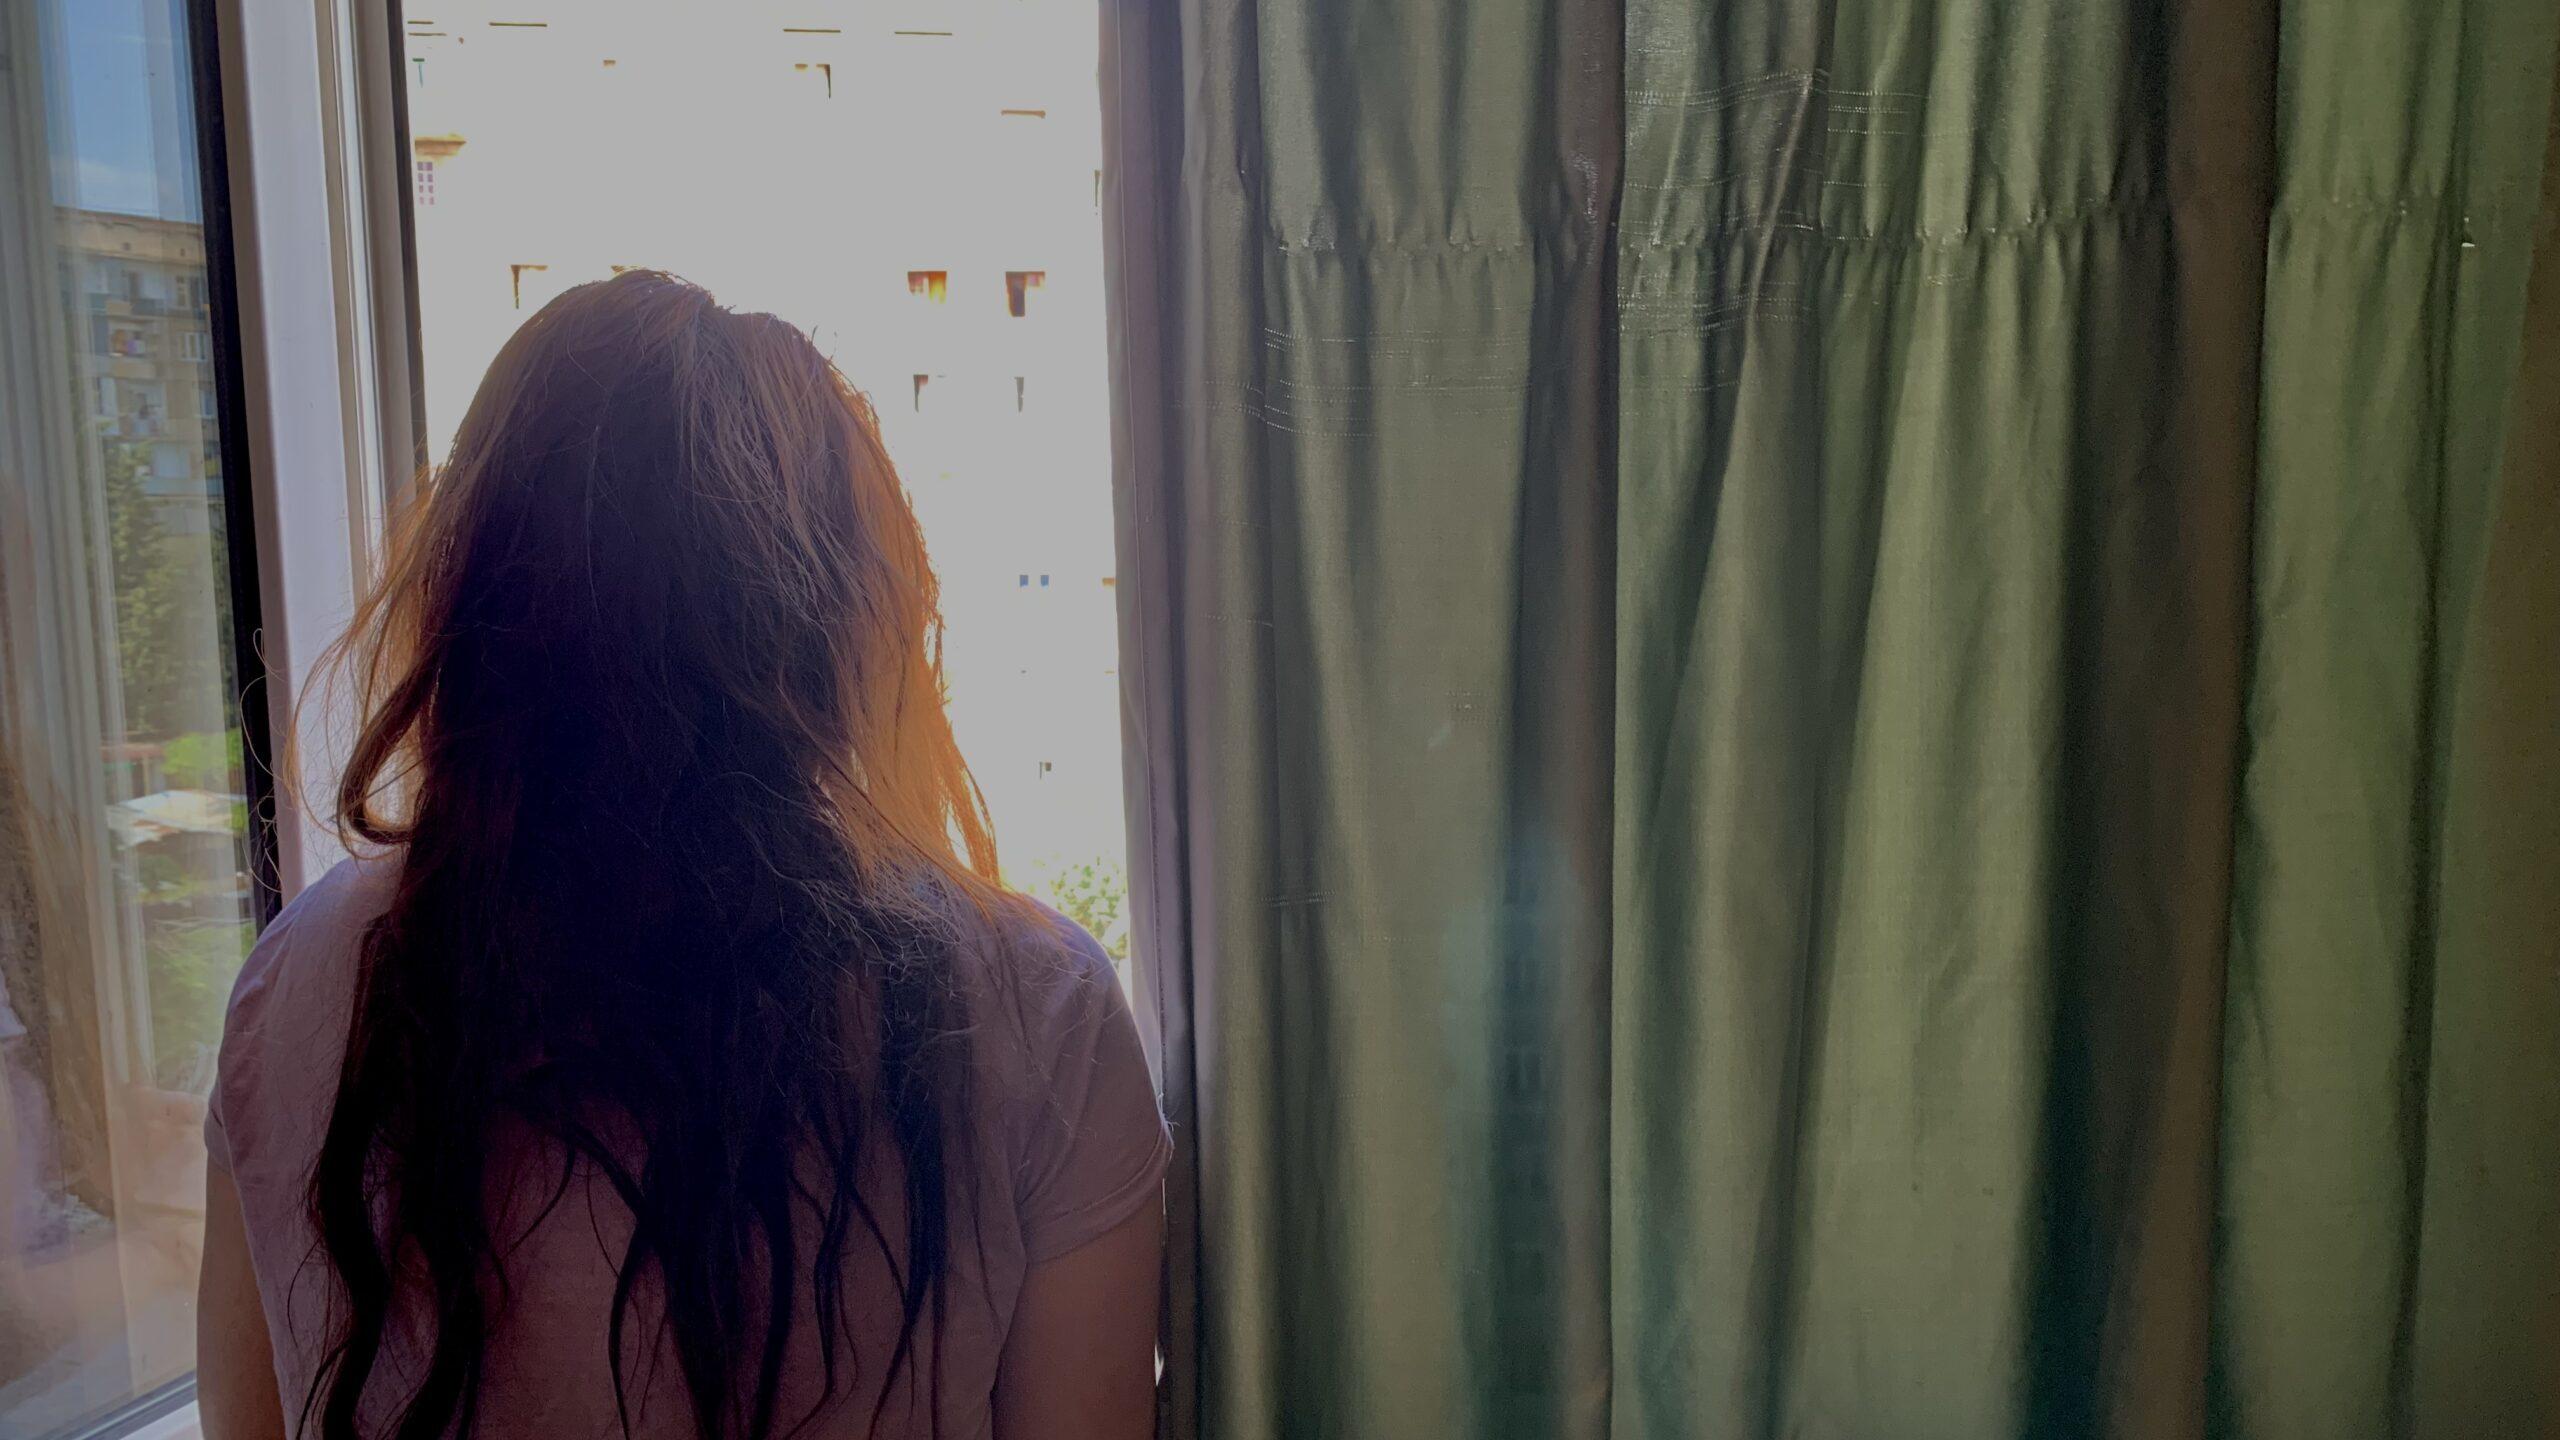 «Замужество казалось единственным выходом» — молодая женщина, которая не может выйти из дома